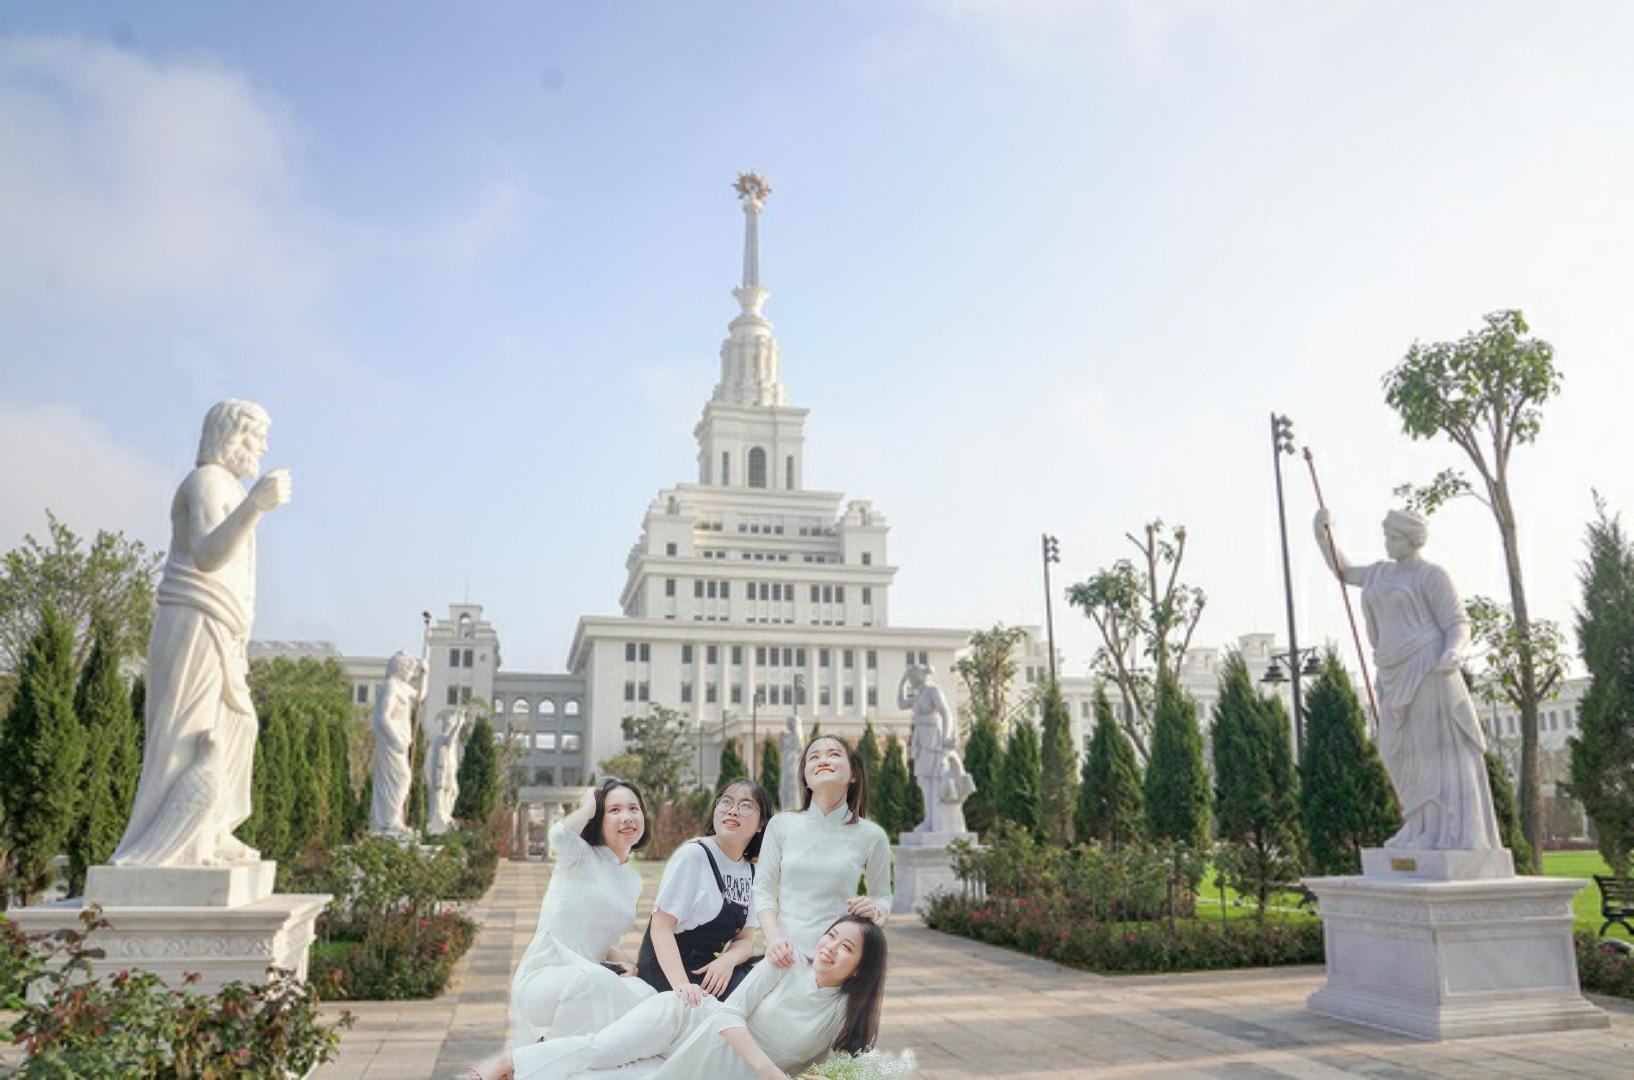 4 nữ sinh xinh đẹp cùng đỗ vào 7 trường đại học cực khủng ở Hà Nội, ai cũng phải choáng cho đến khi phát hiện ra một điều lạ - Ảnh 5.